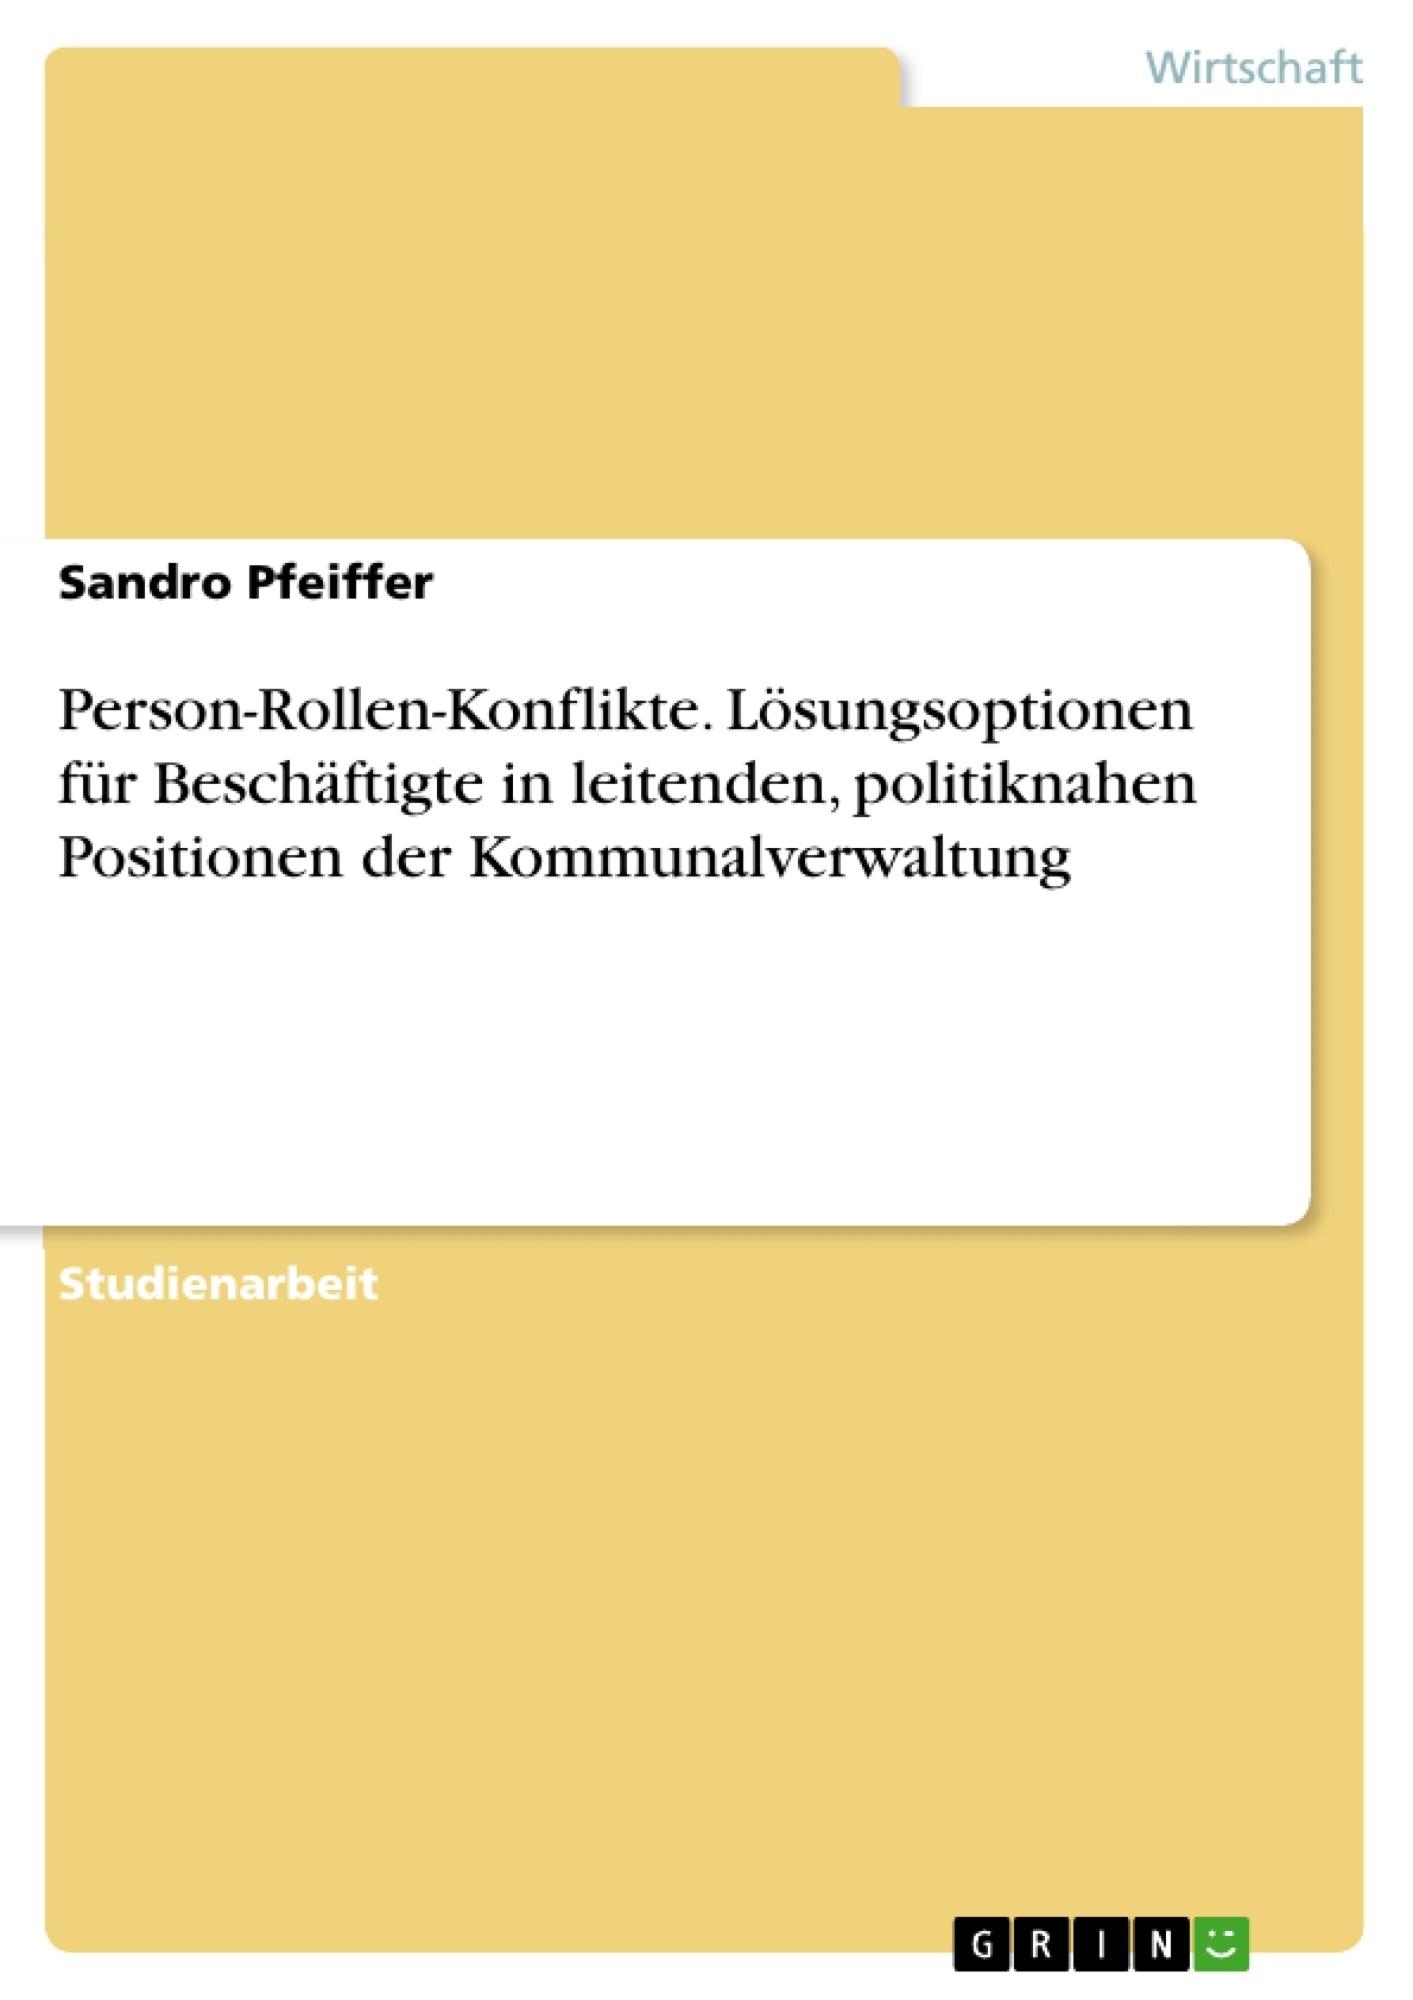 Titel: Person-Rollen-Konflikte. Lösungsoptionen für Beschäftigte in leitenden, politiknahen Positionen der Kommunalverwaltung